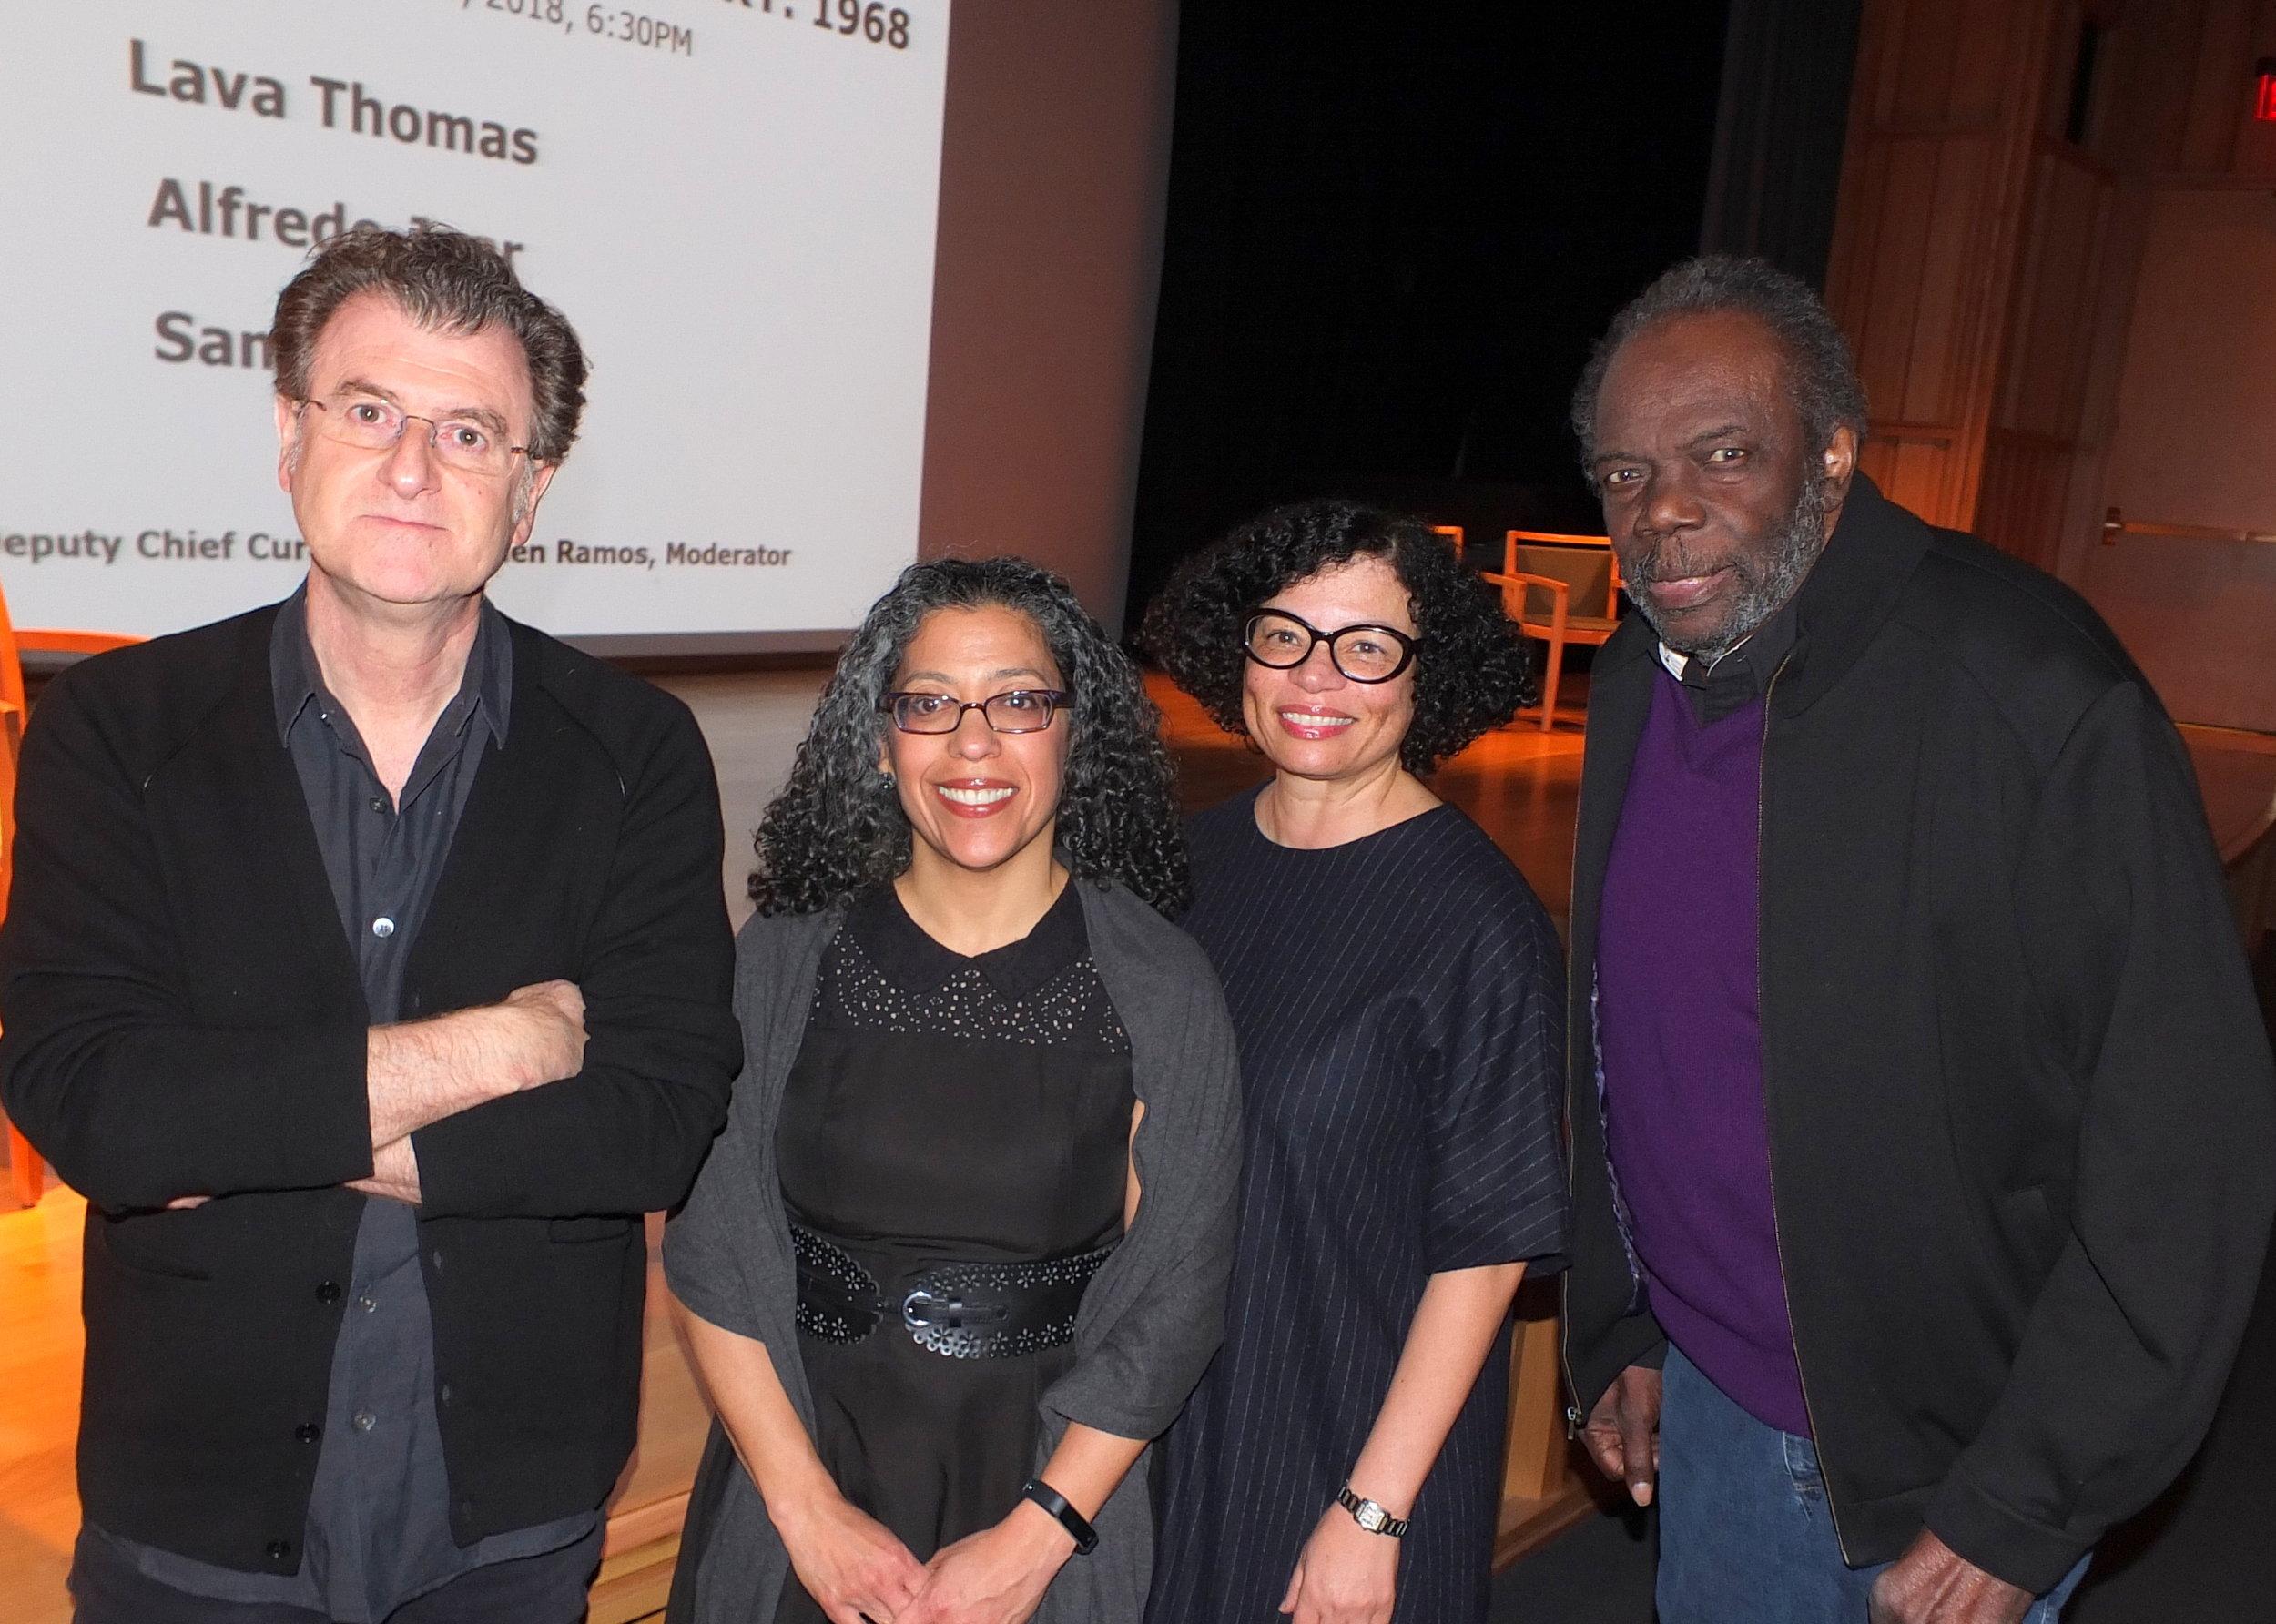 Alfredo Jaar, SAAM Deputy Chief Curator E. Carmen Ramos, Lava Thomas, and Sam Gilliam. Photo © Bruce Guthrie